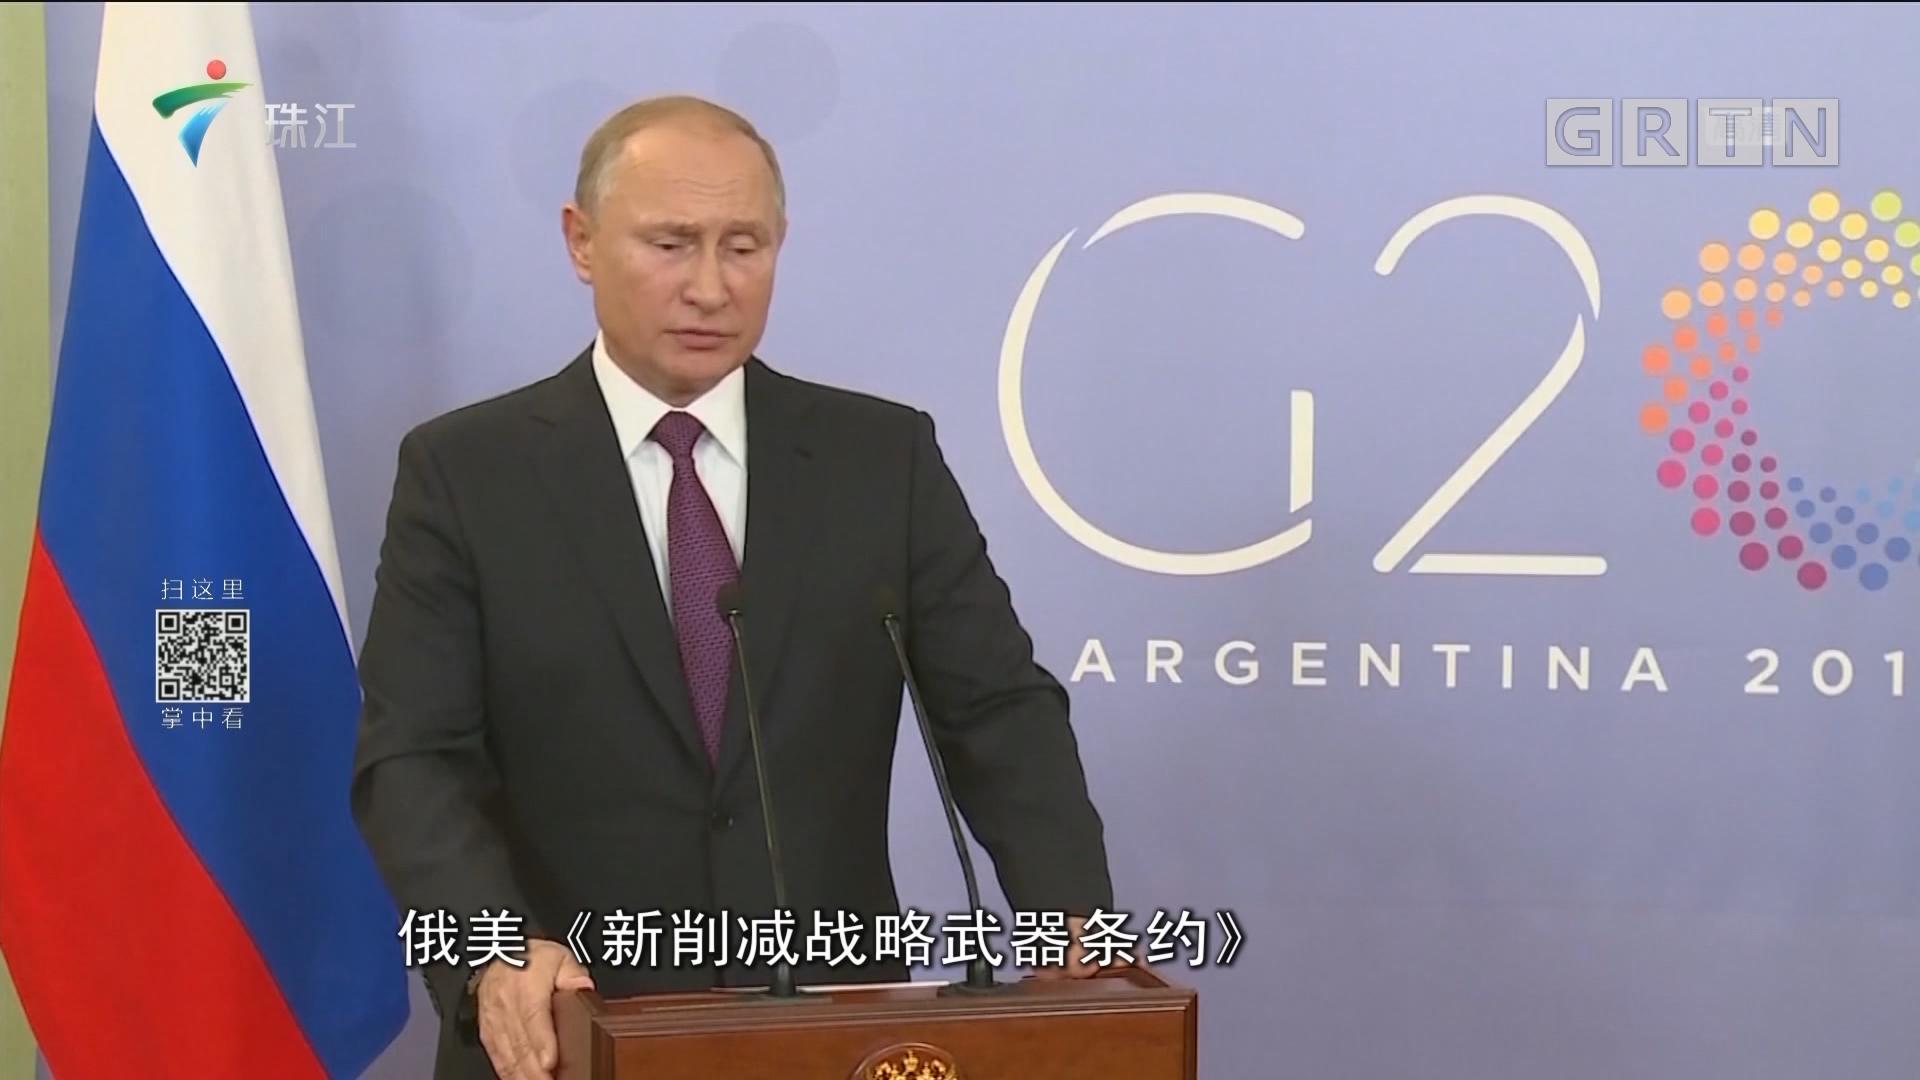 美俄元首简略谈及刻赤海峡局势